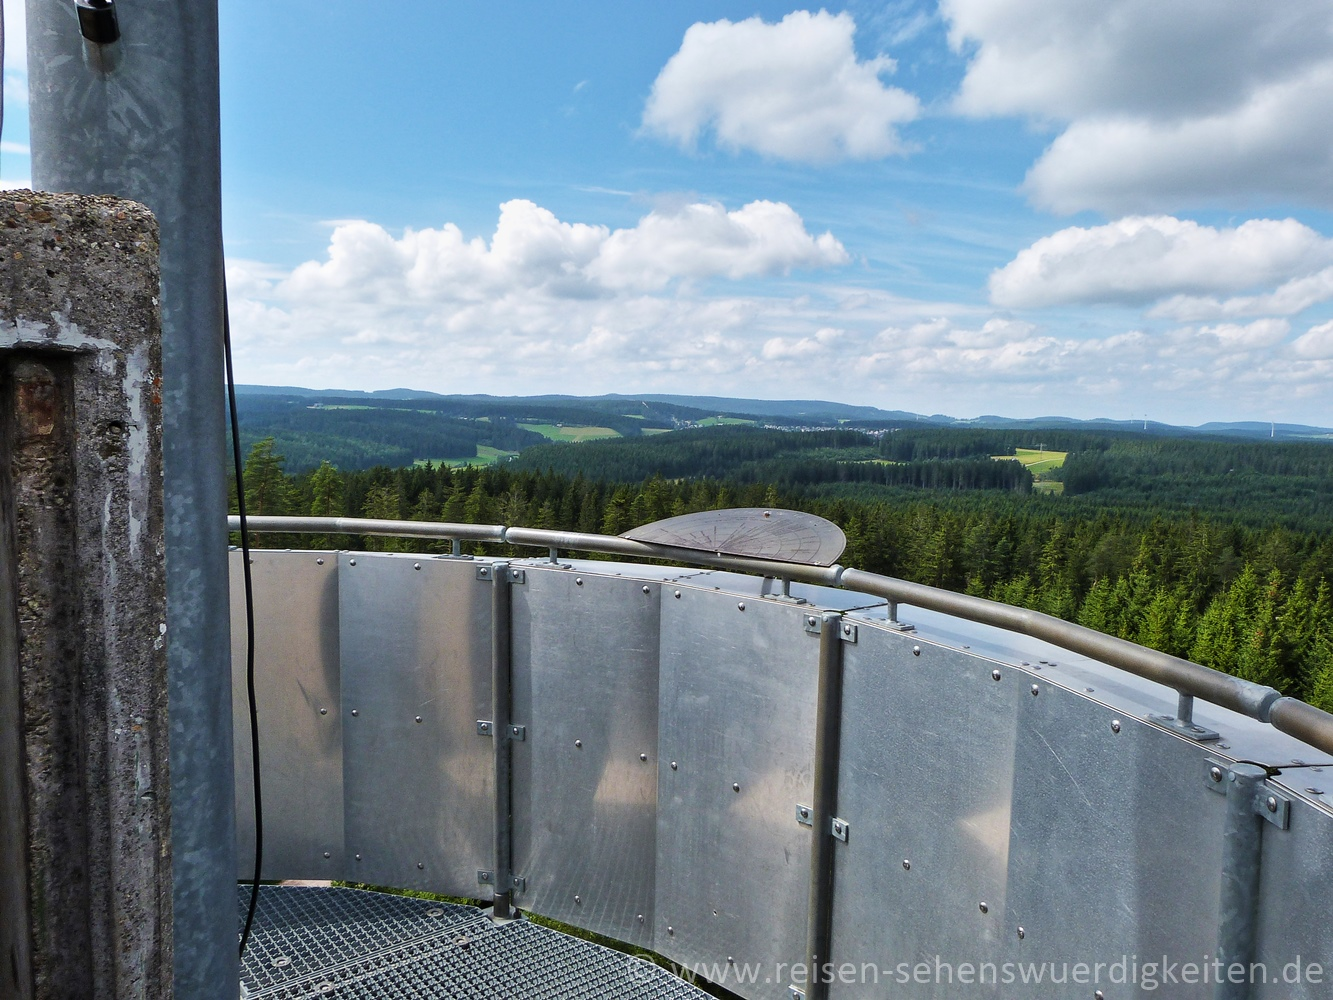 Ausflugsziele im Schwarzwald, Stöcklewaldturm, Aussichtsturm mit Blick über den Schwarzwald